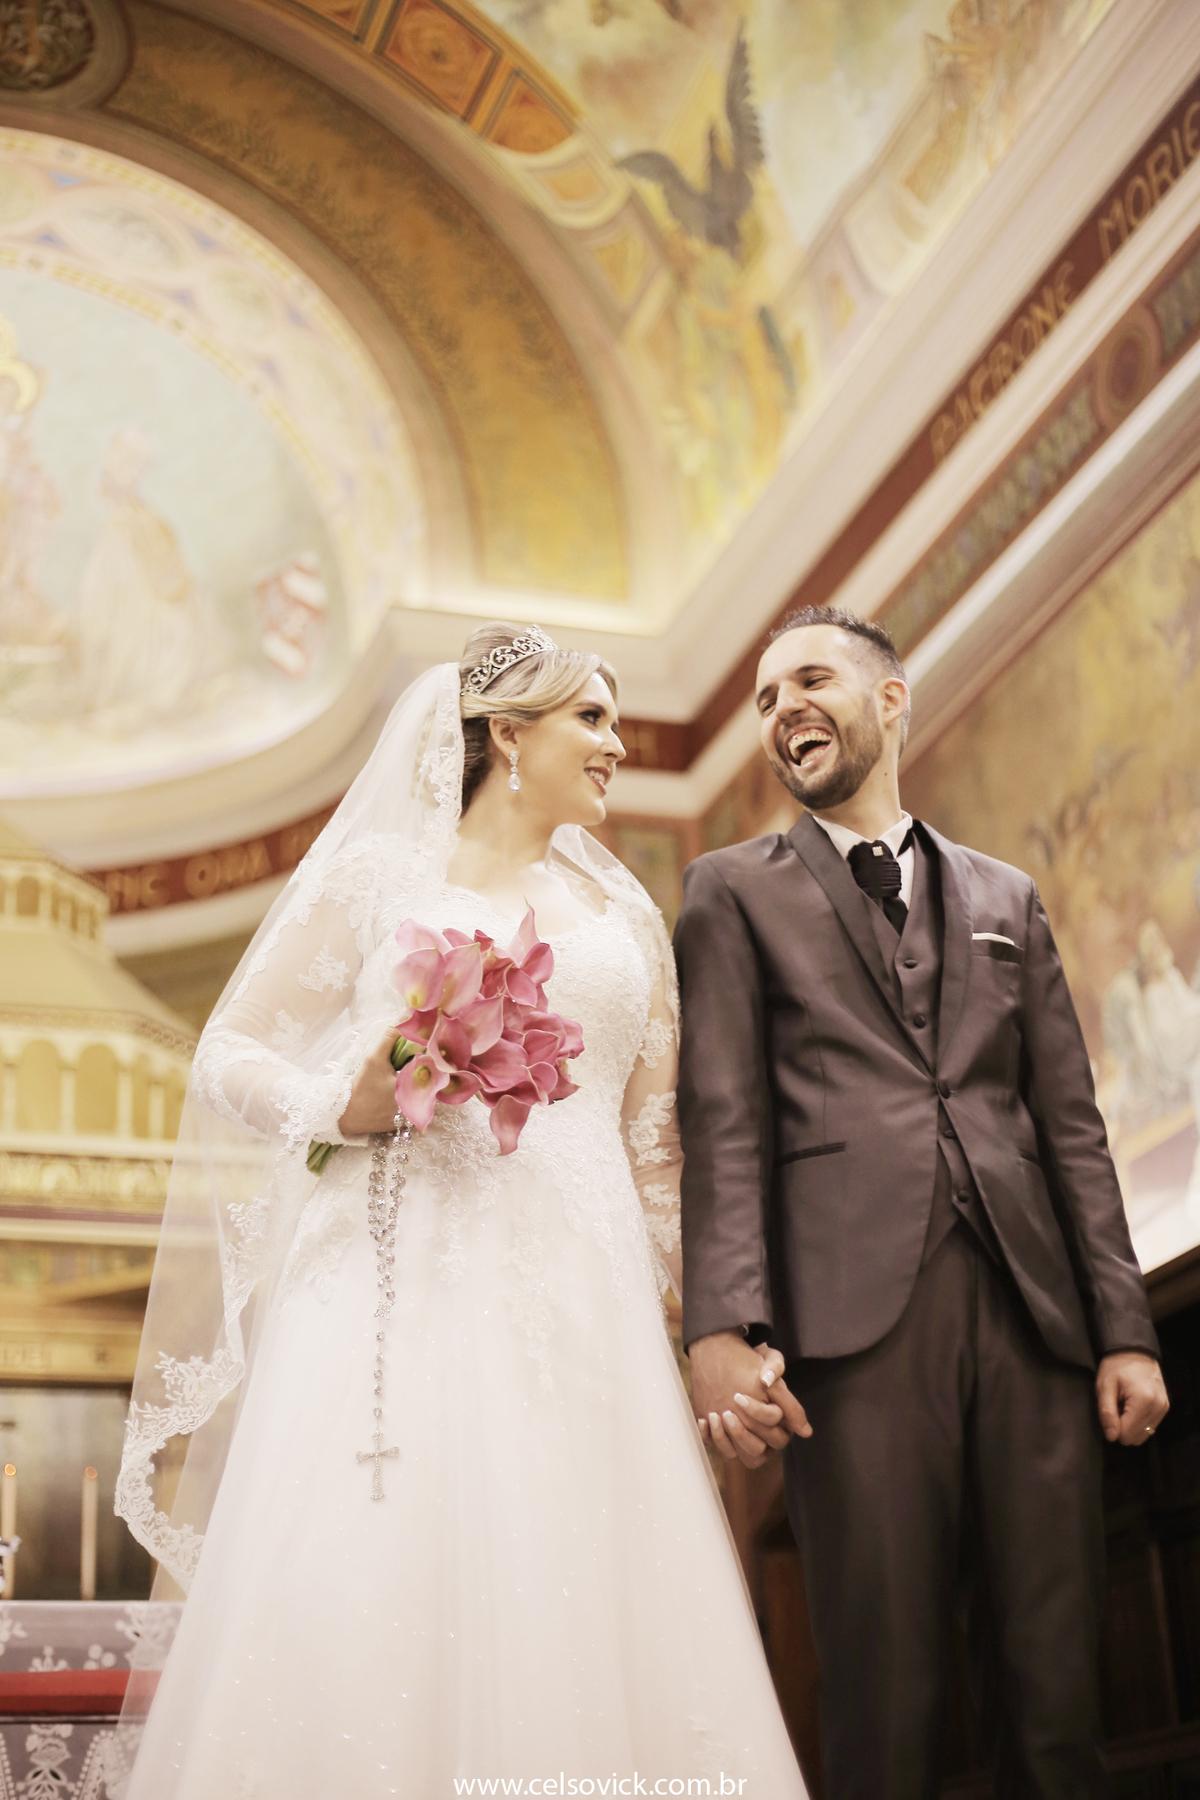 Casamento da Nathalia e Rafael| Igreja São José Ipiranga | Buffet Leonardo's| Fotos Vinícius Nakashima | Estúdio Celso Vick | Fotografia espontânea @celsovick